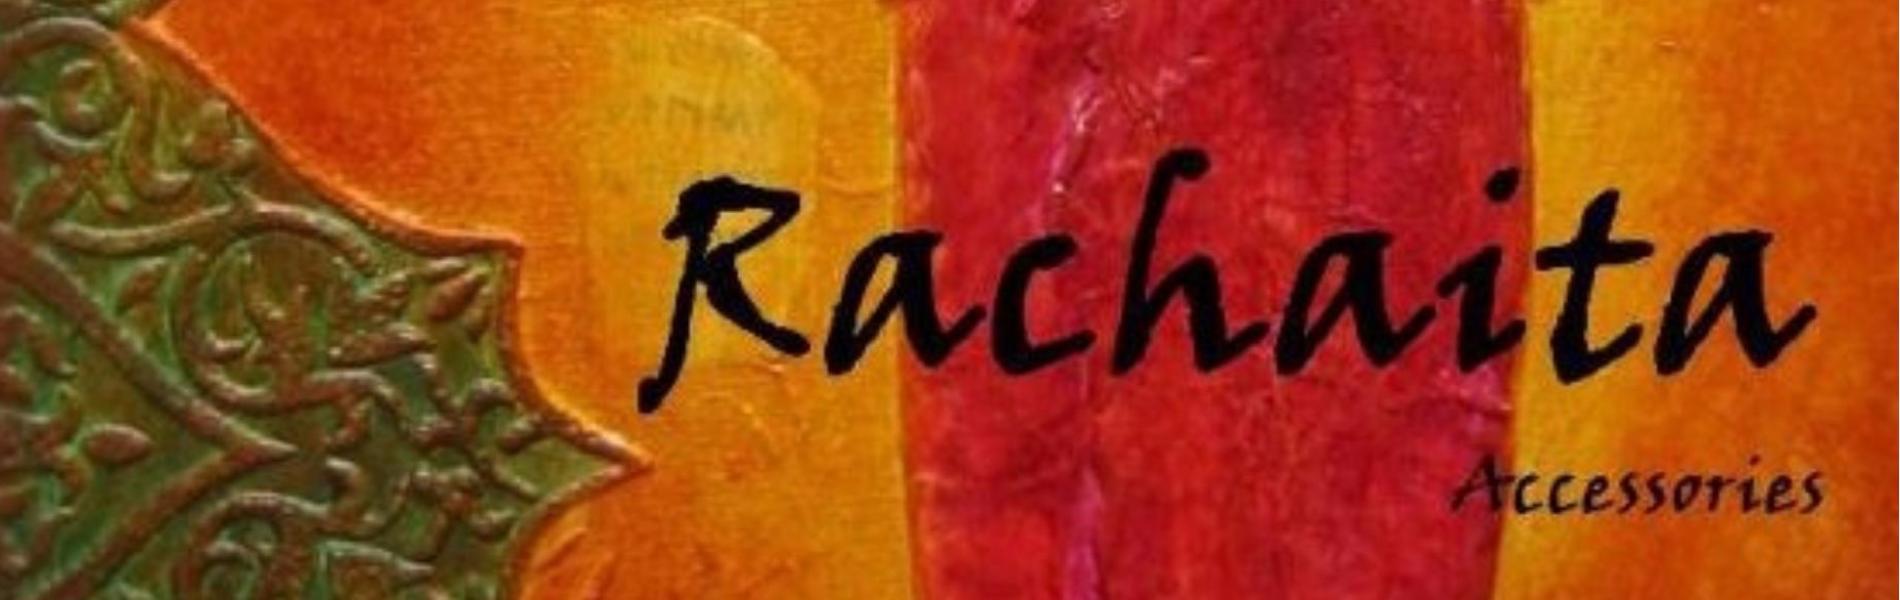 Rachaita